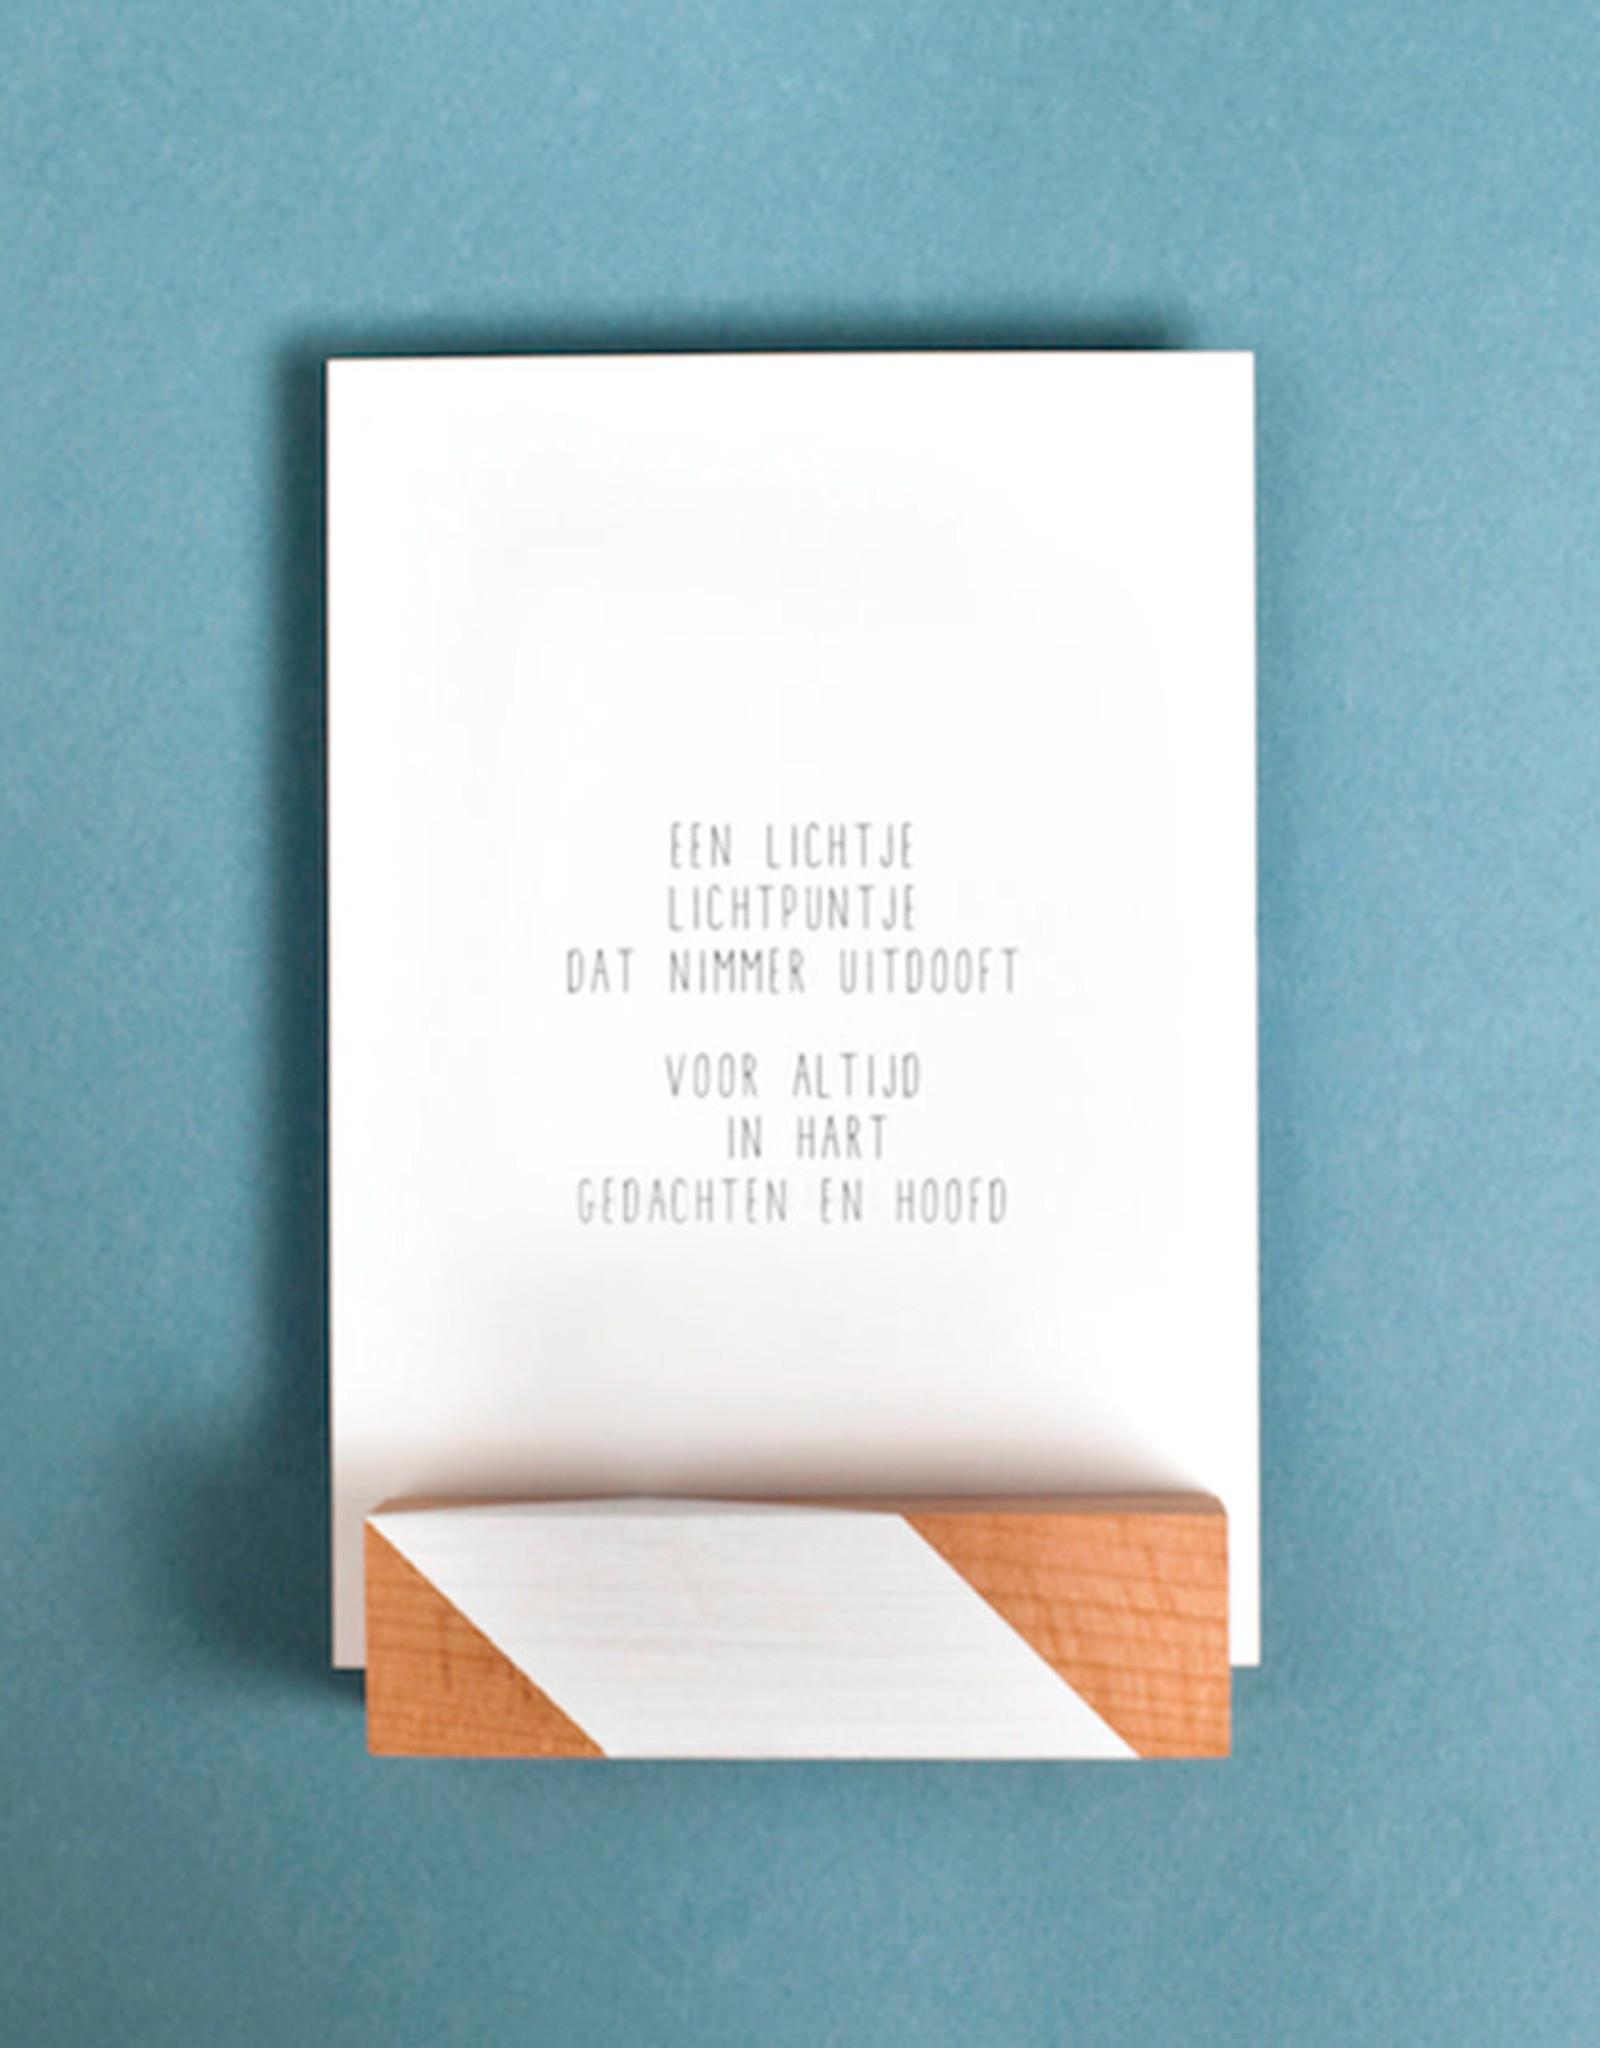 Gewoon Jip Wenskaart JIP-Een lichtje, lichtpuntje